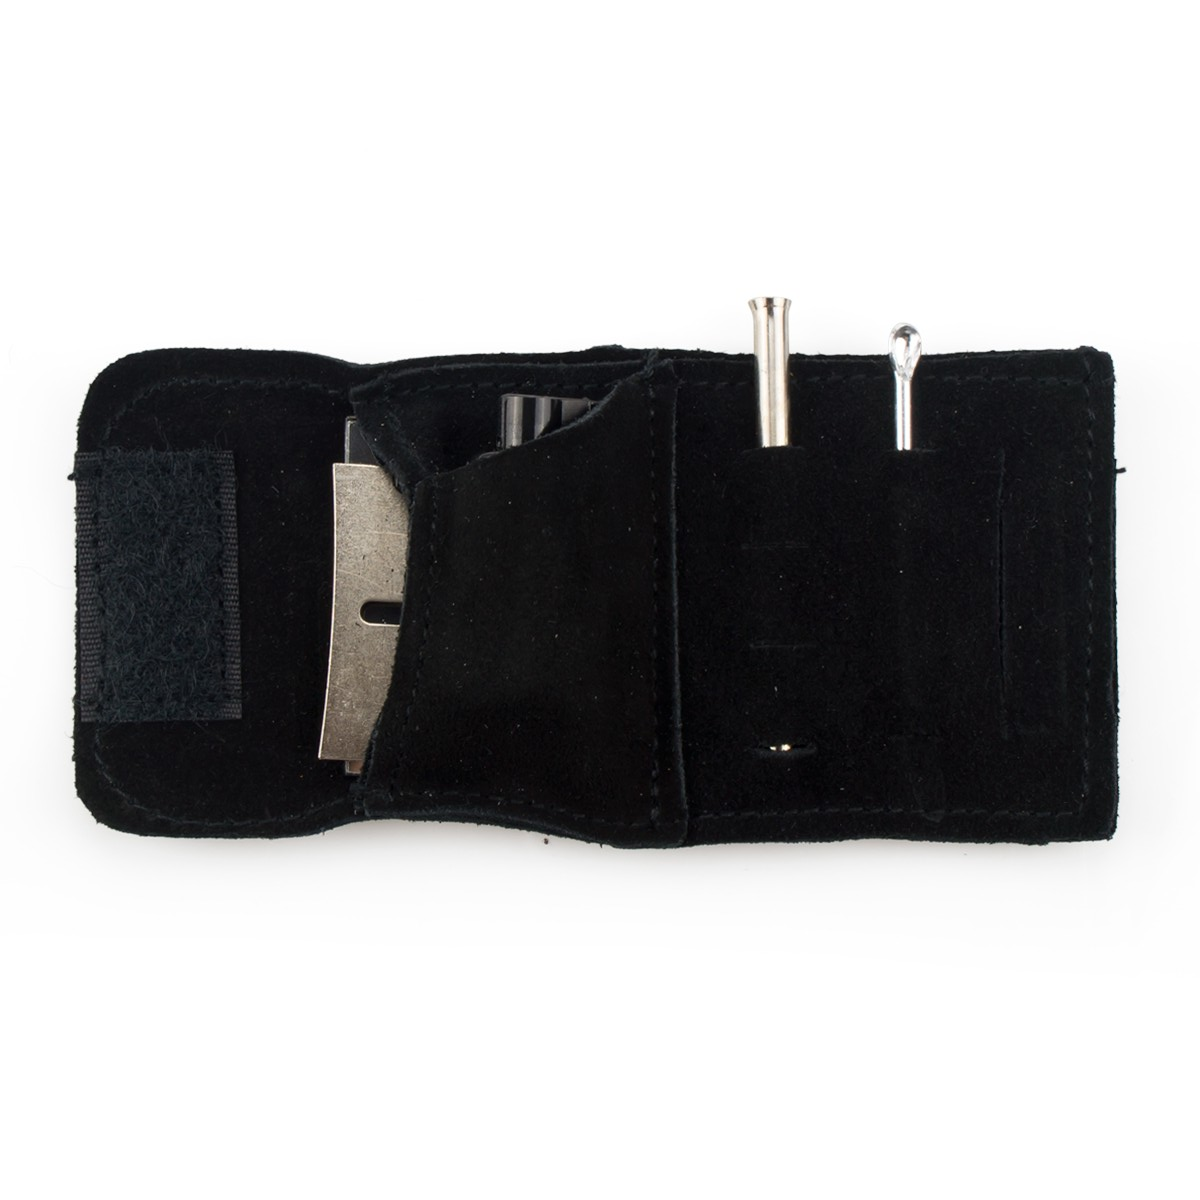 Formax420 13,5mm X 6,5mm Kleine Größe Wildleder Kit Schnupftabak kit Sniffer-software-protokoll-analyse Snorter Rohr Kosmetikpulverspender